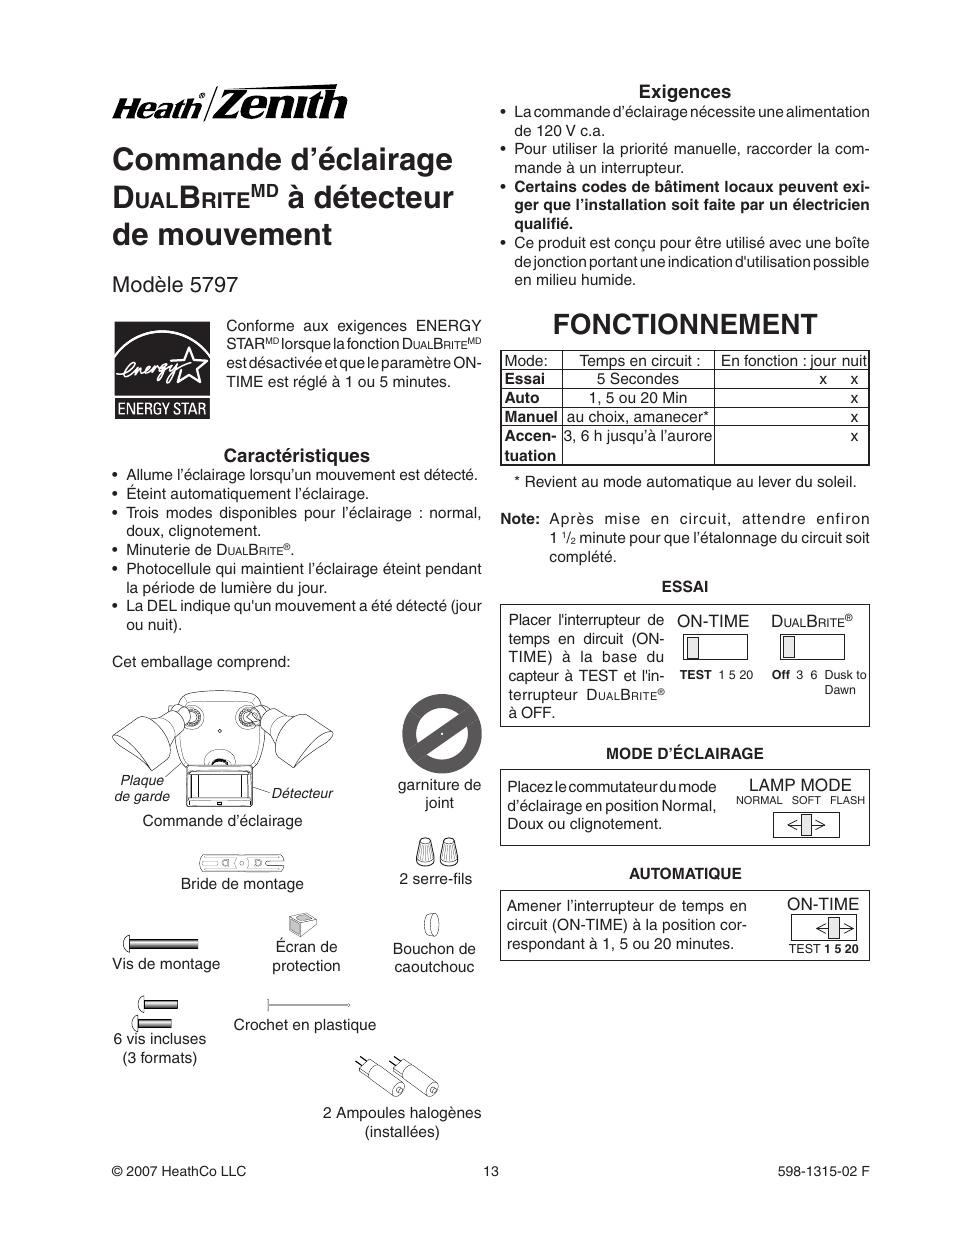 Commande Dclairage D Dtecteur De Mouvement Fonctionnement